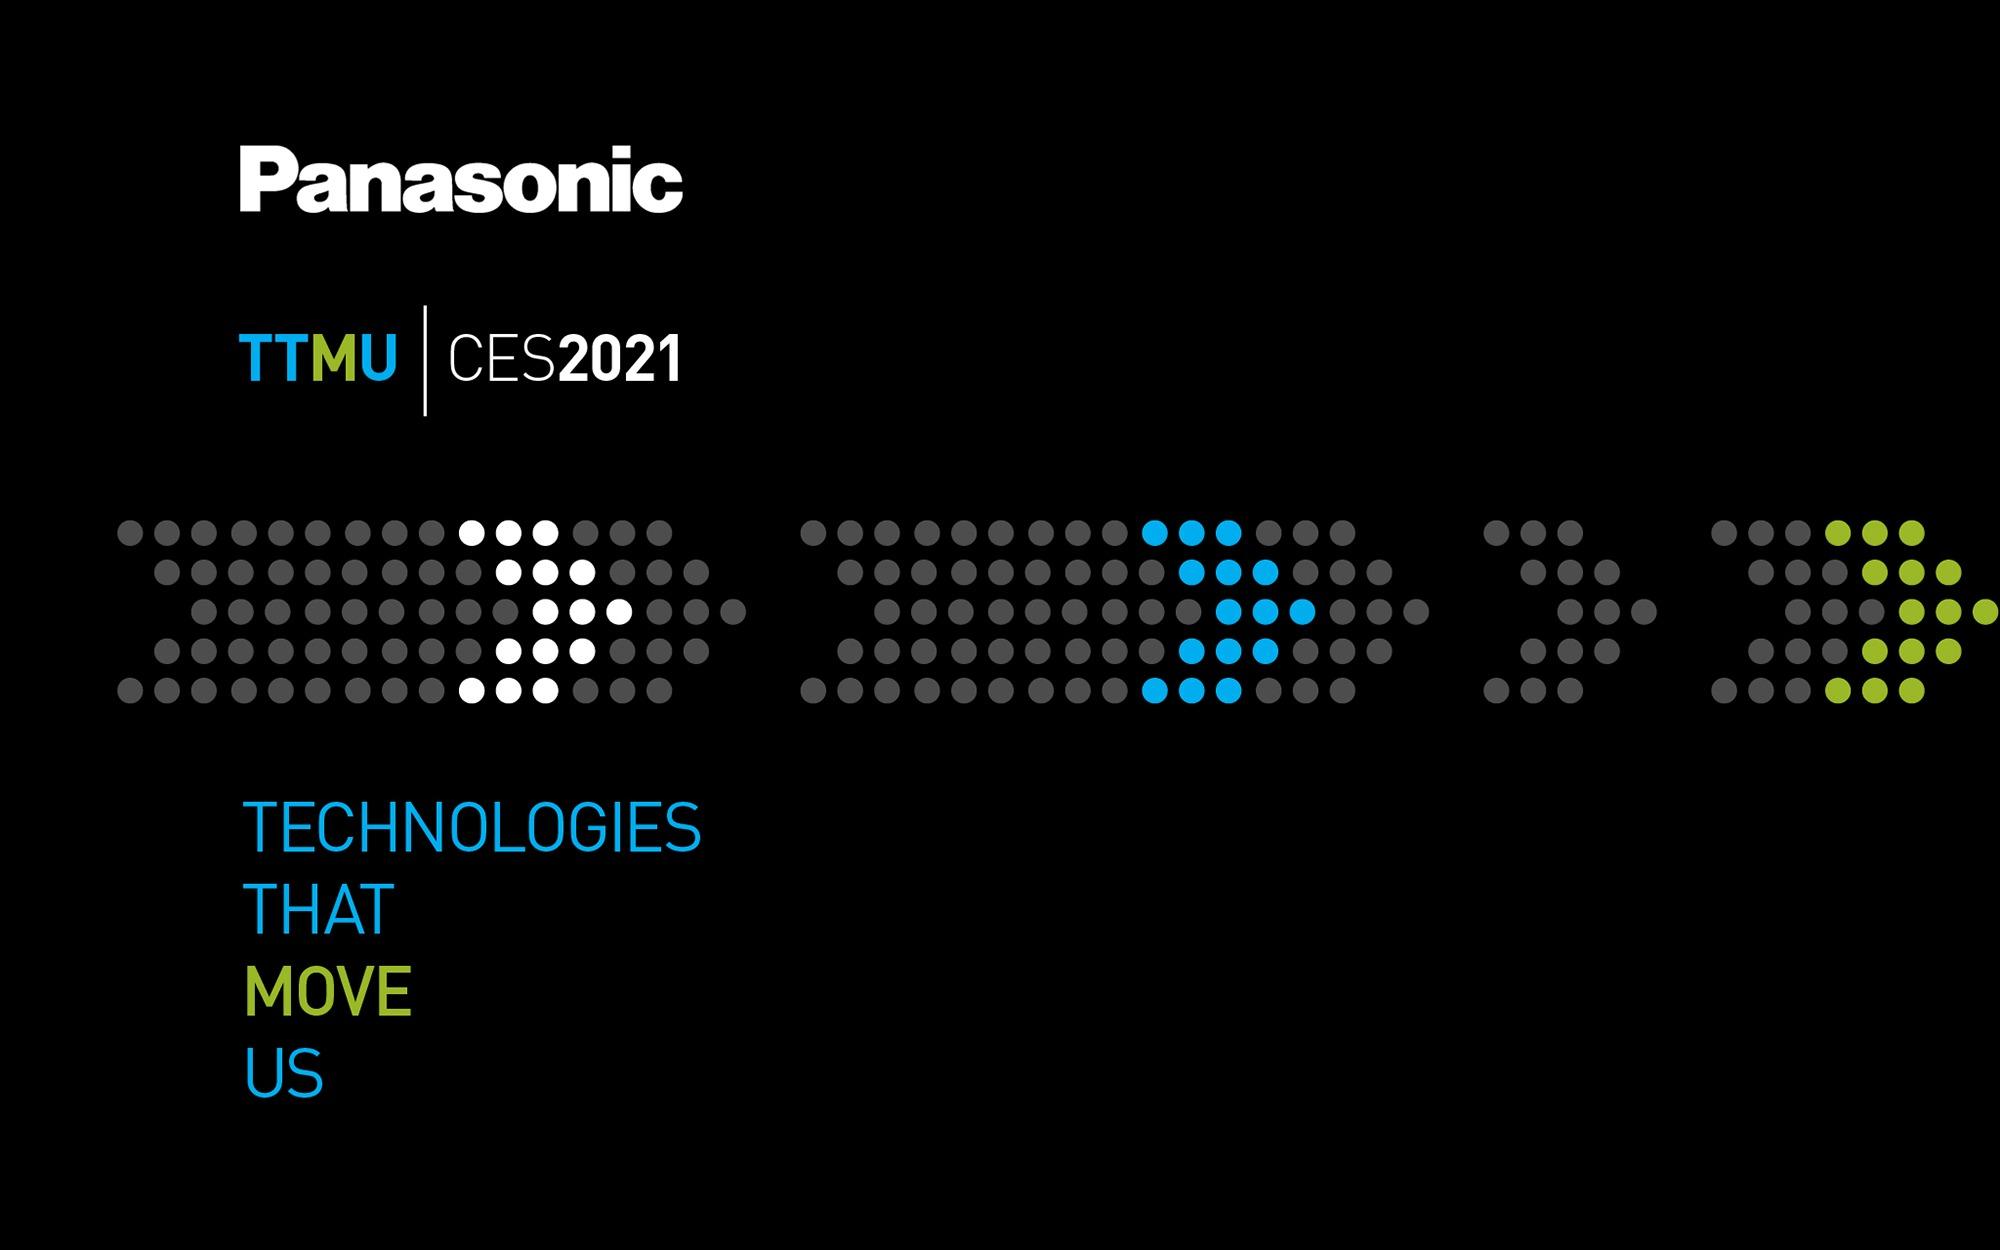 Navigating a Virtual World: Panasonic at CES 2021